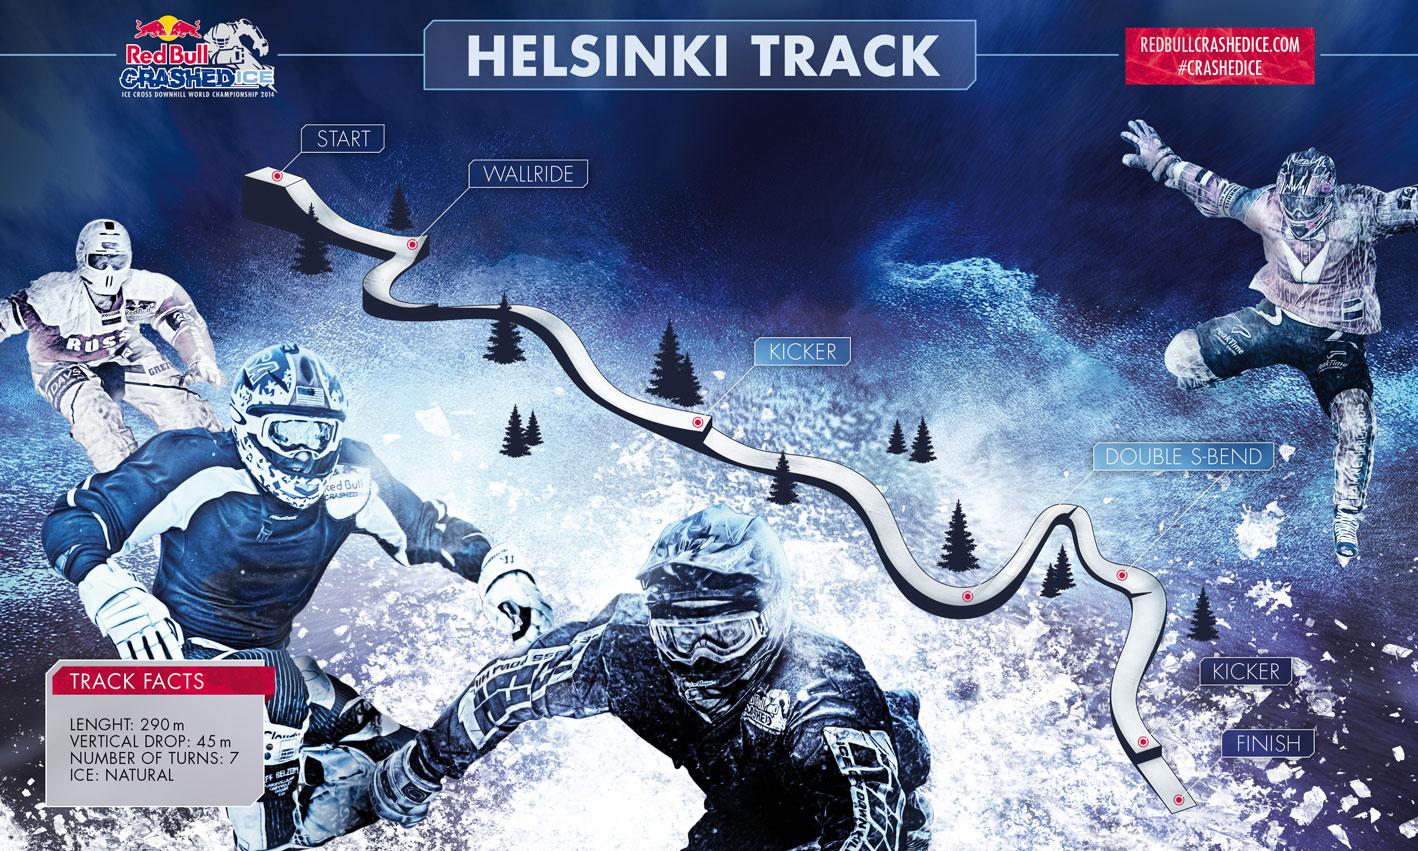 Red Bull Crashed Ice - Helsinki